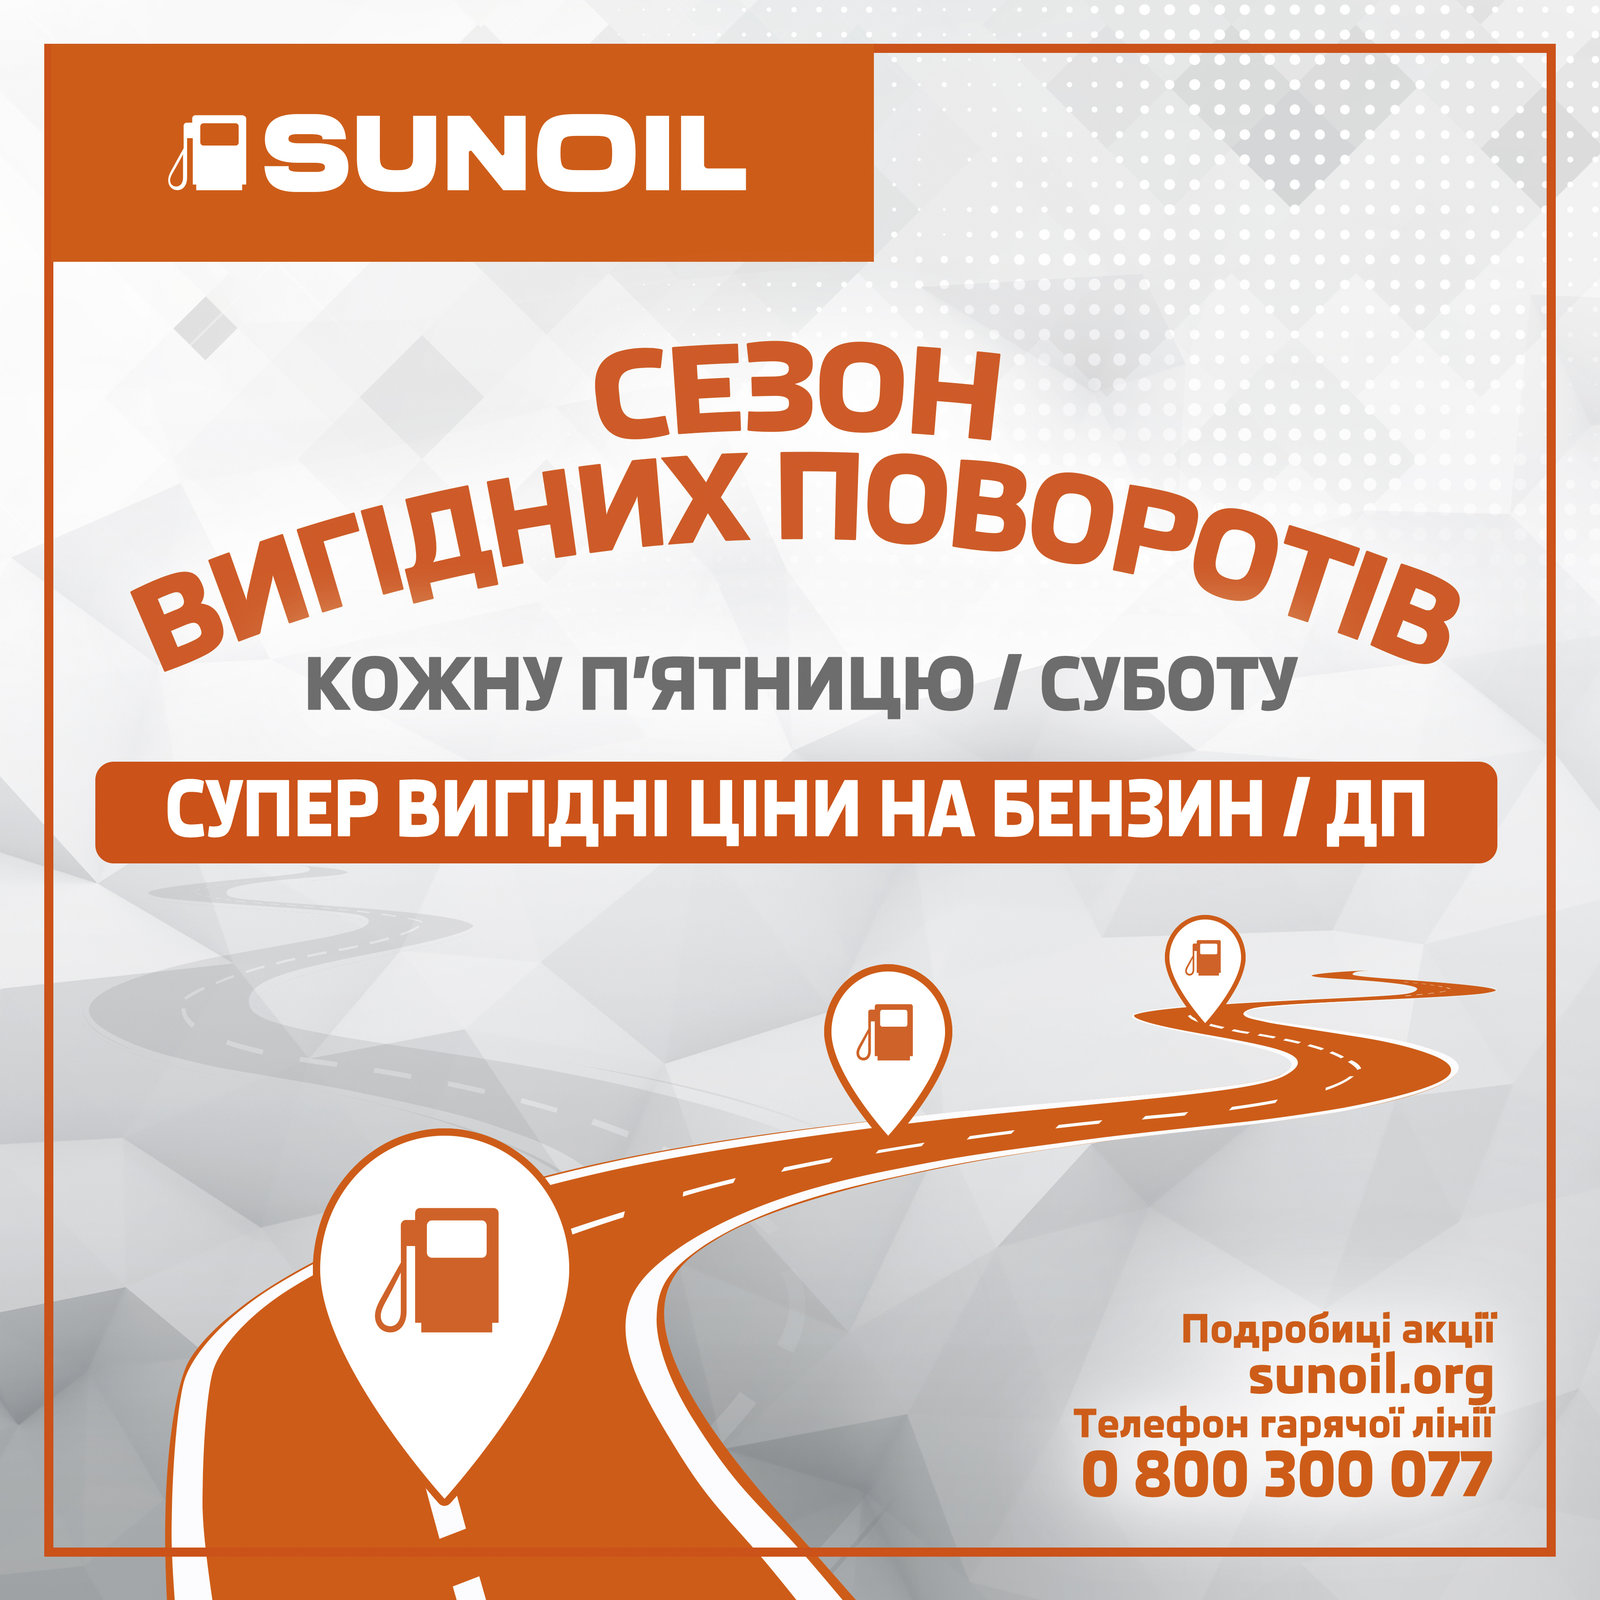 Нефтерынок: Мережа АЗС SUNOIL запускає акцію «Сезон вигідних поворотів»